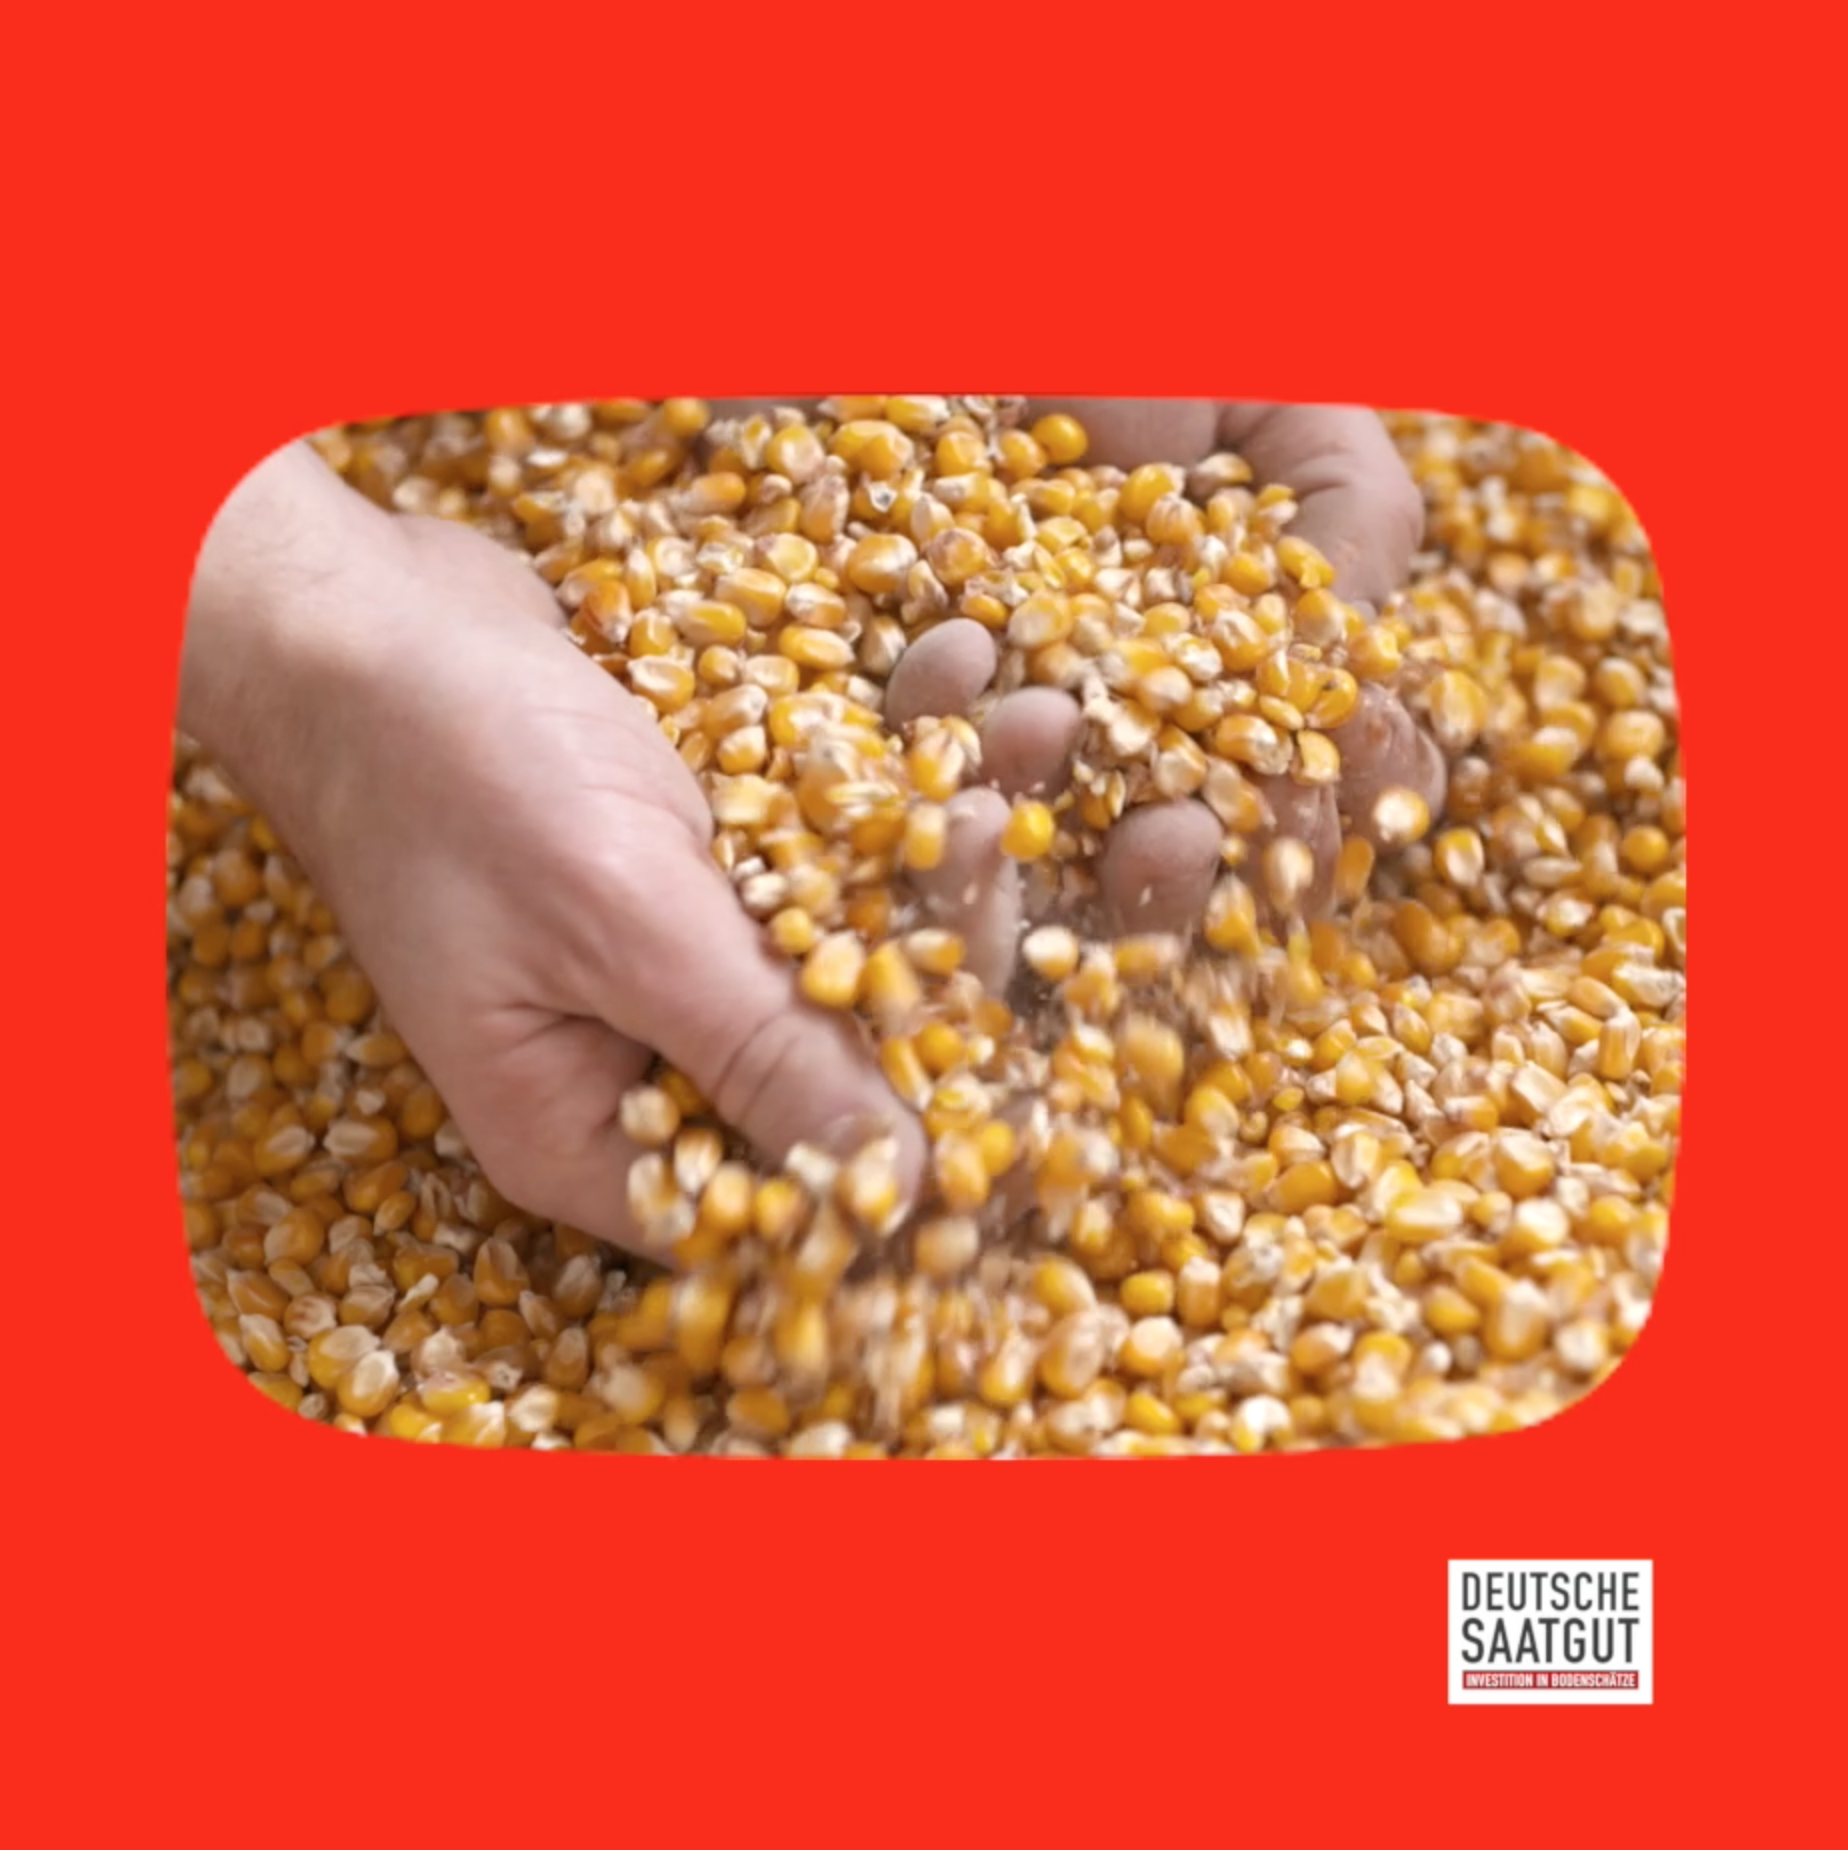 MFG Deutsche Saatgut auf YouTube